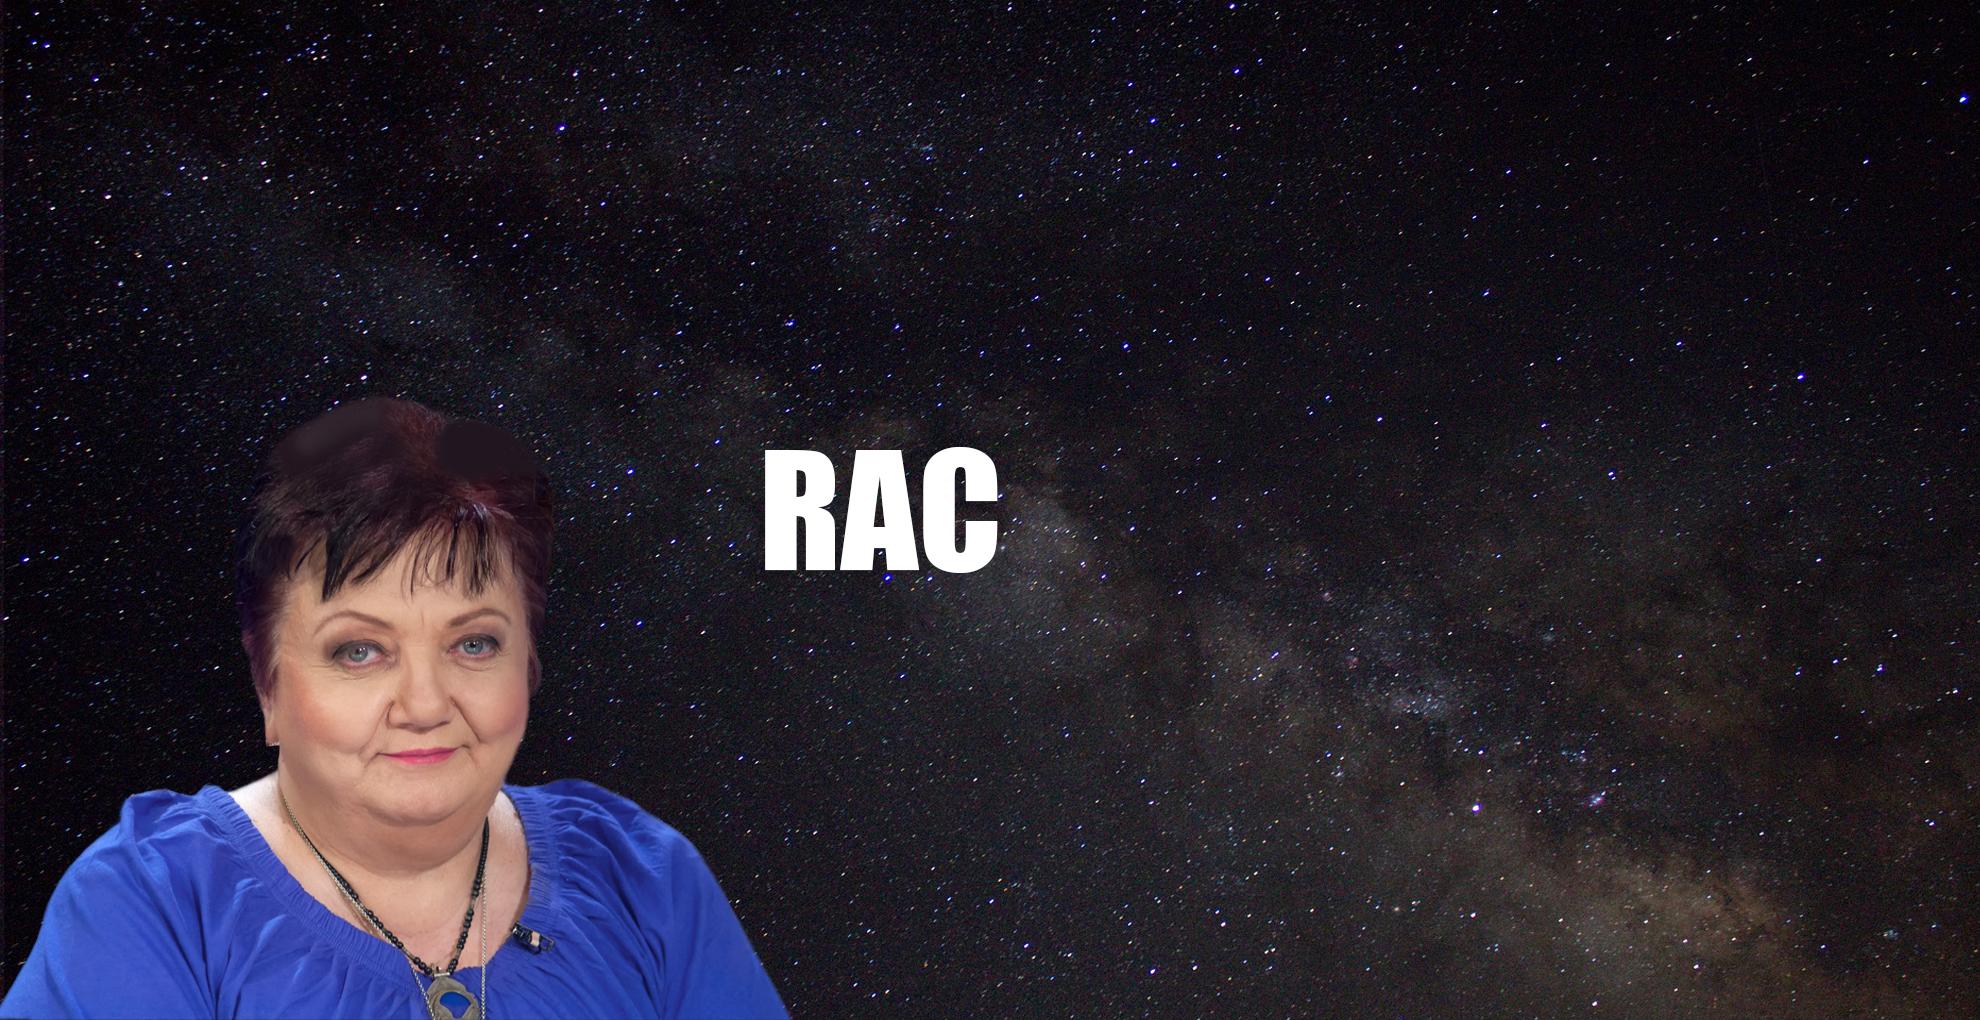 Horoscop Minerva iunie 2021 - Rac